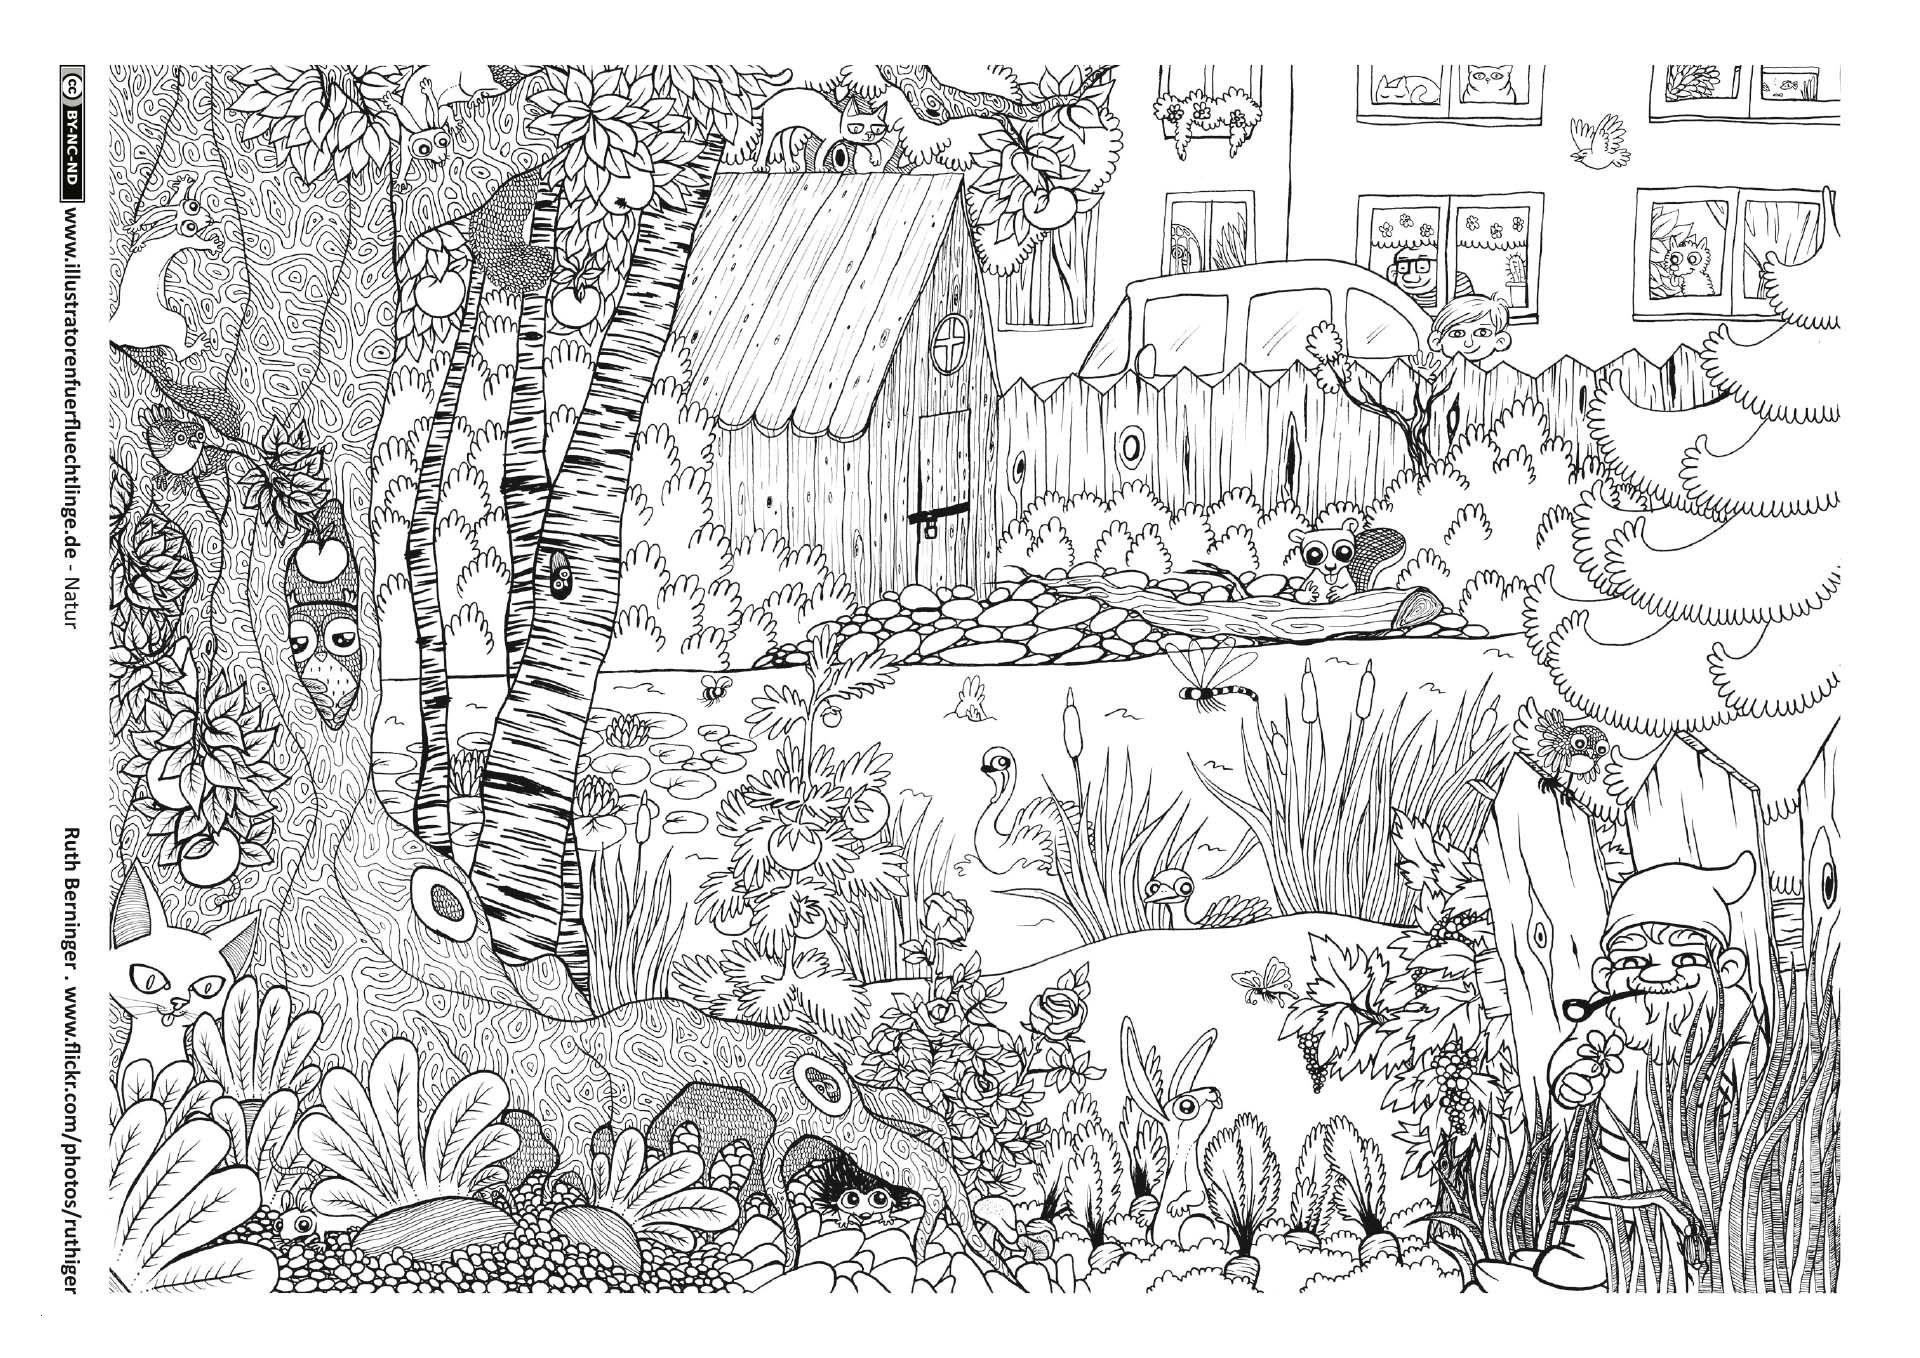 Ausmalbilder Erwachsene Fantasy Frisch Fantasy Malvorlagen Frisch 37 Fantasy Malvorlagen Scoredatscore Fotos